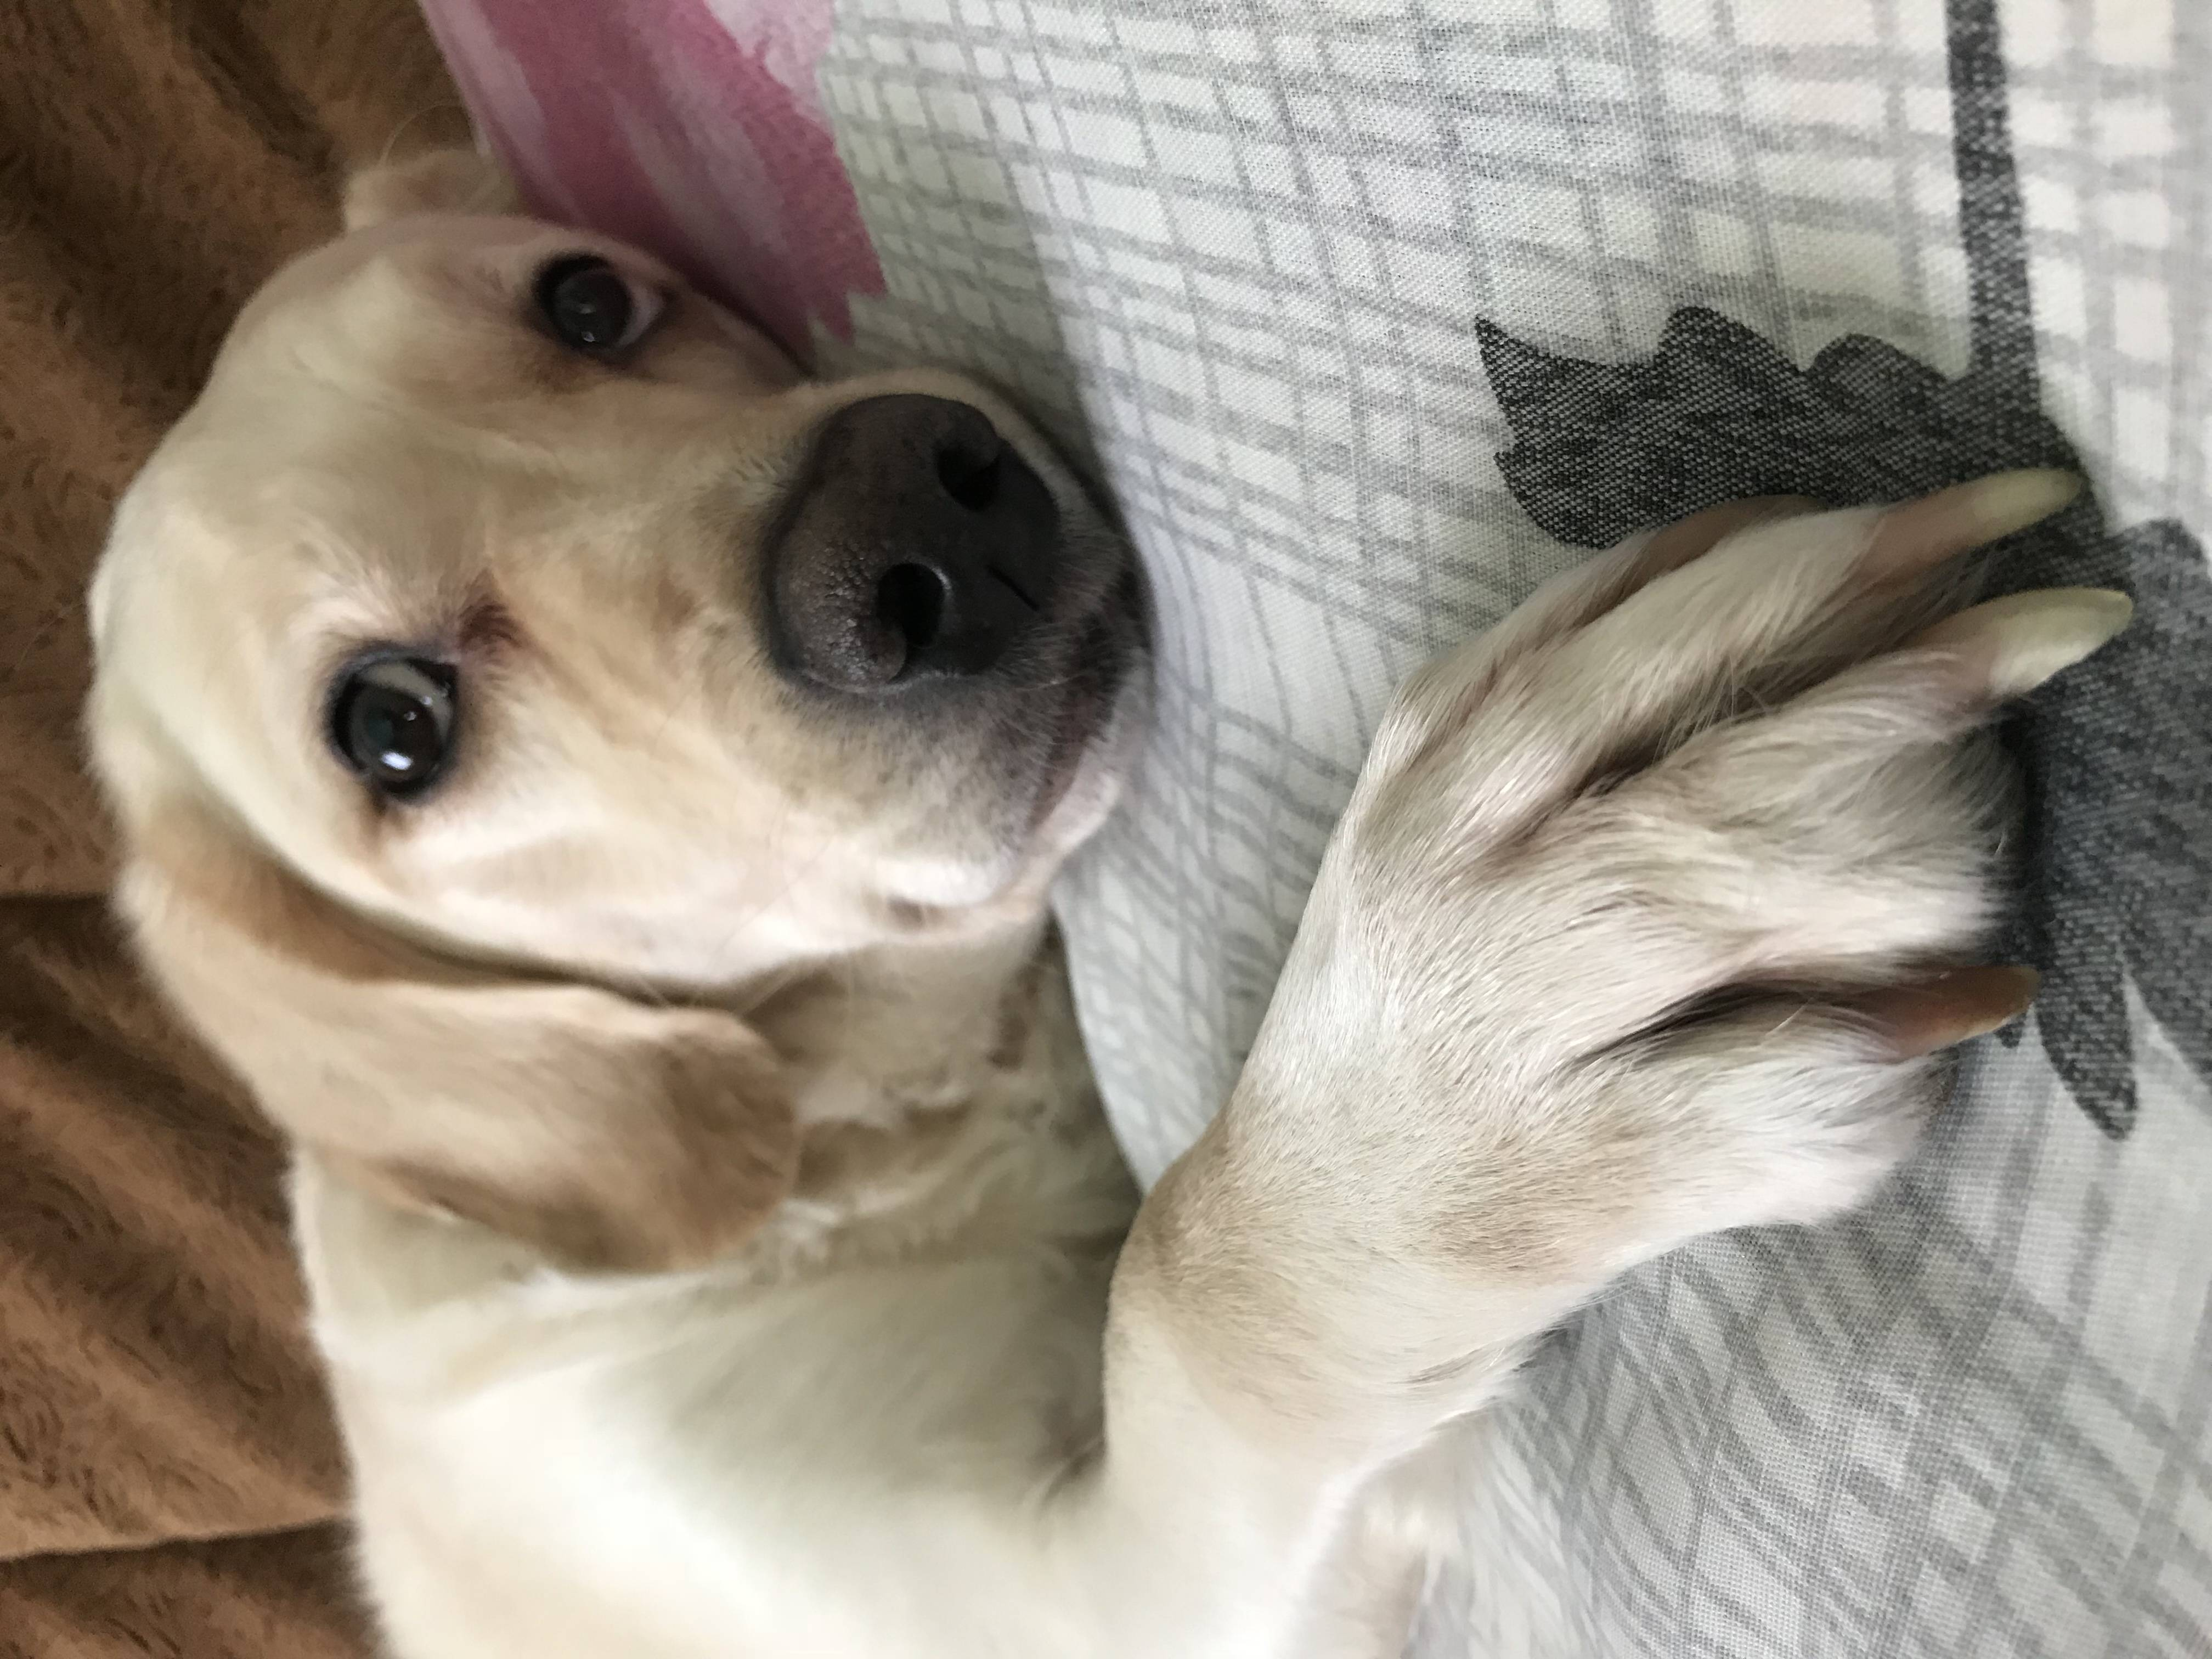 Без клиники и лицензии: чем опасен вызов ветеринара на дом? почему опасно вызывать ветеринаров на дом